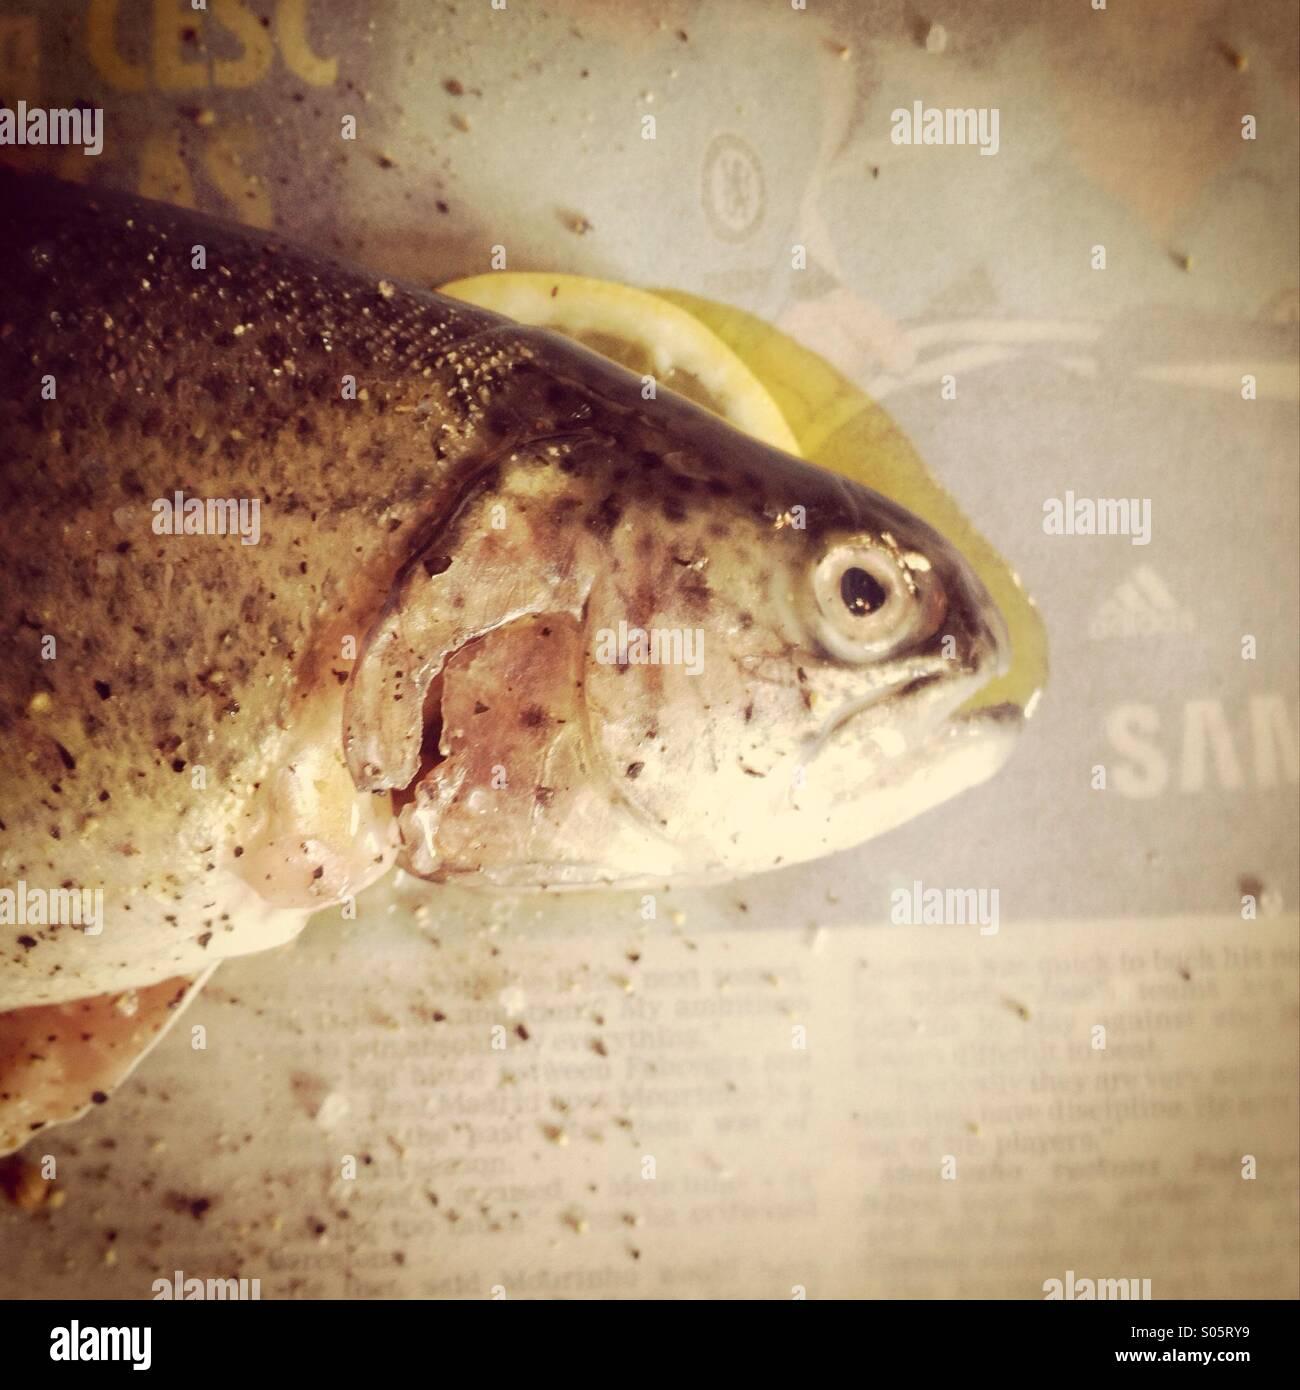 Zubereiteten Fisch. Saß auf einer Scheibe der Zitrone kochbereit Wolfsbarsch Stockbild